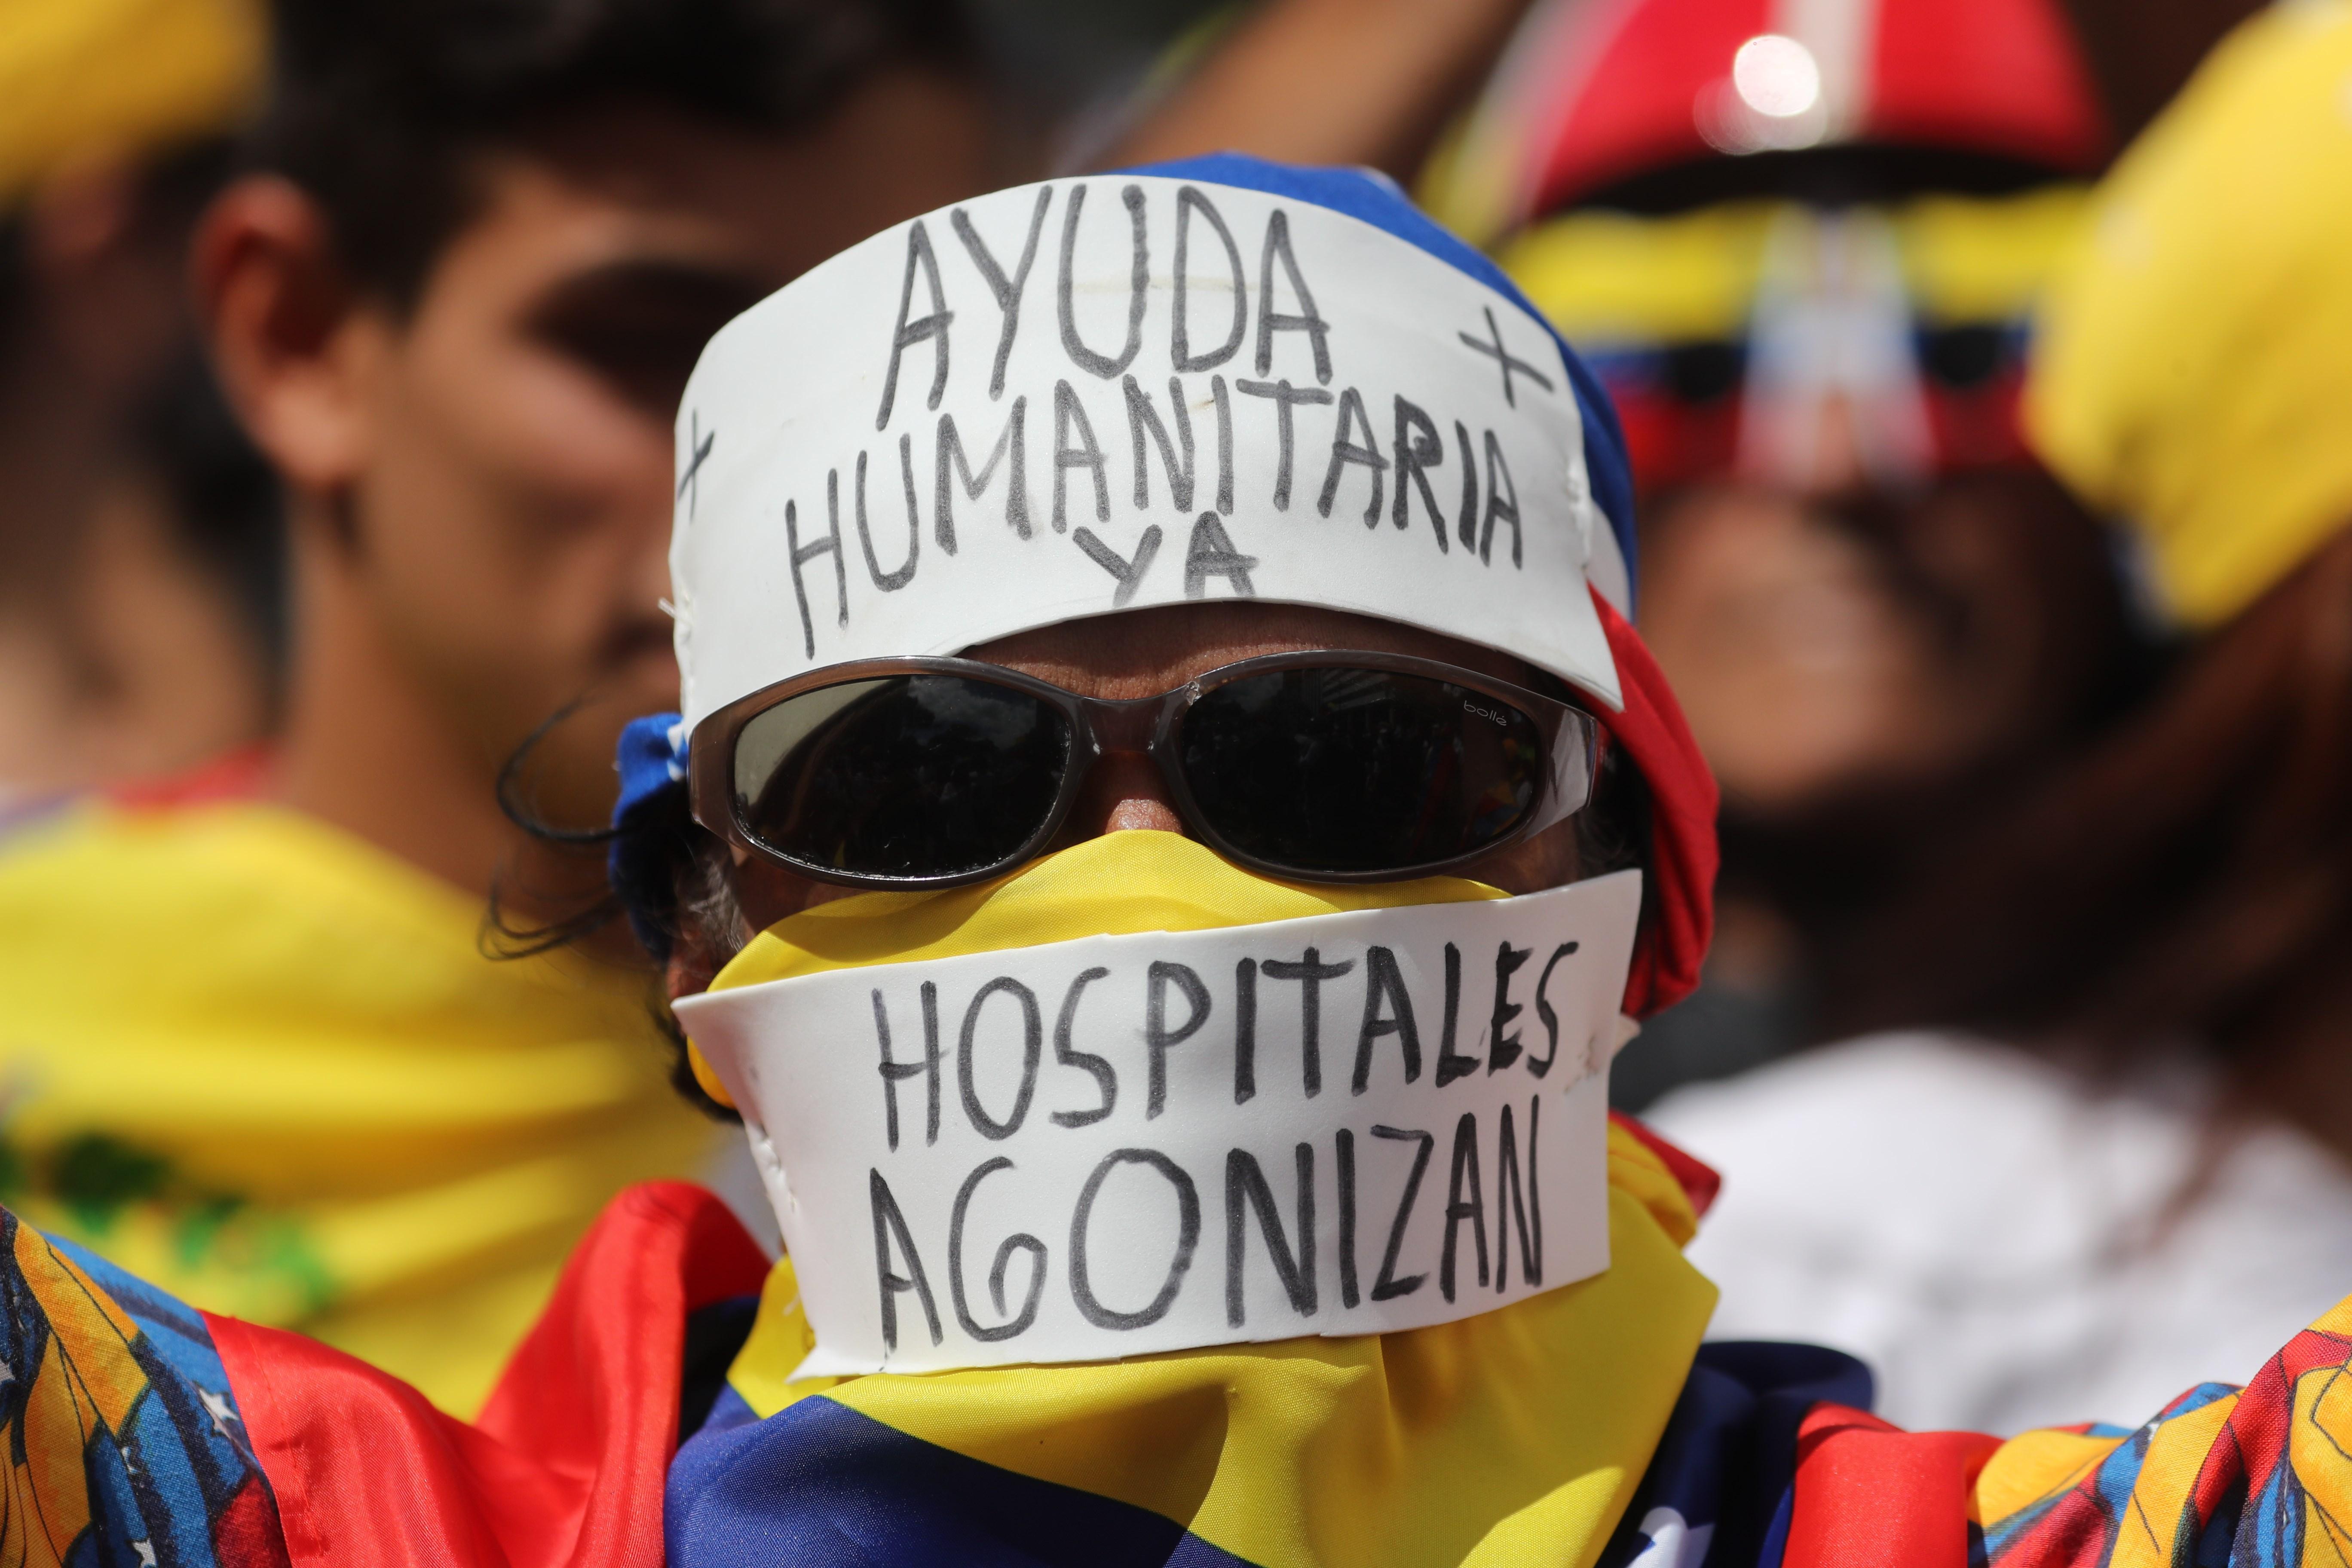 PROTESTA. Manifestantes en Caracas salieron a las calles el 23 de febrero para apoyar el ingreso de la ayuda humanitaria a Venezuela.